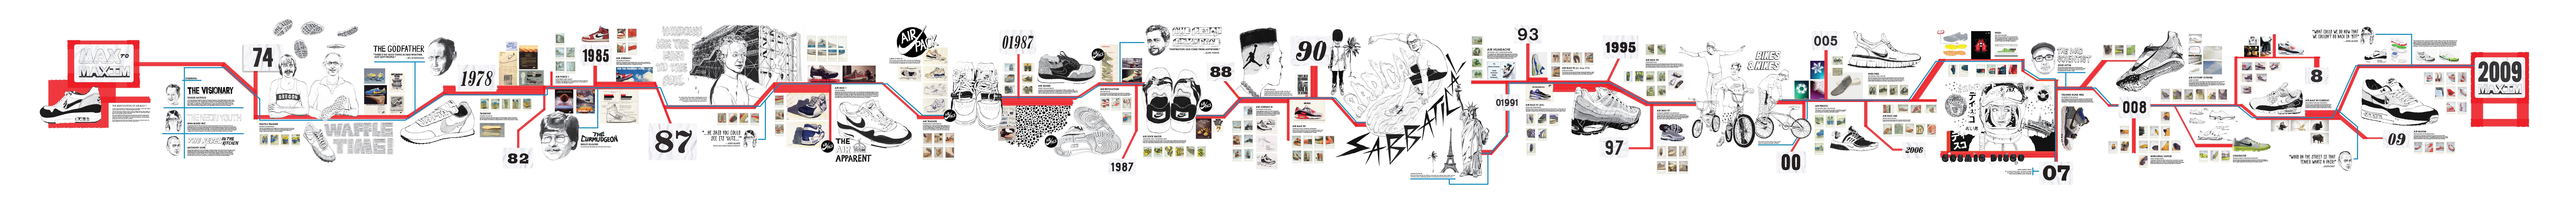 Air Max timeline  b971e3229e1b